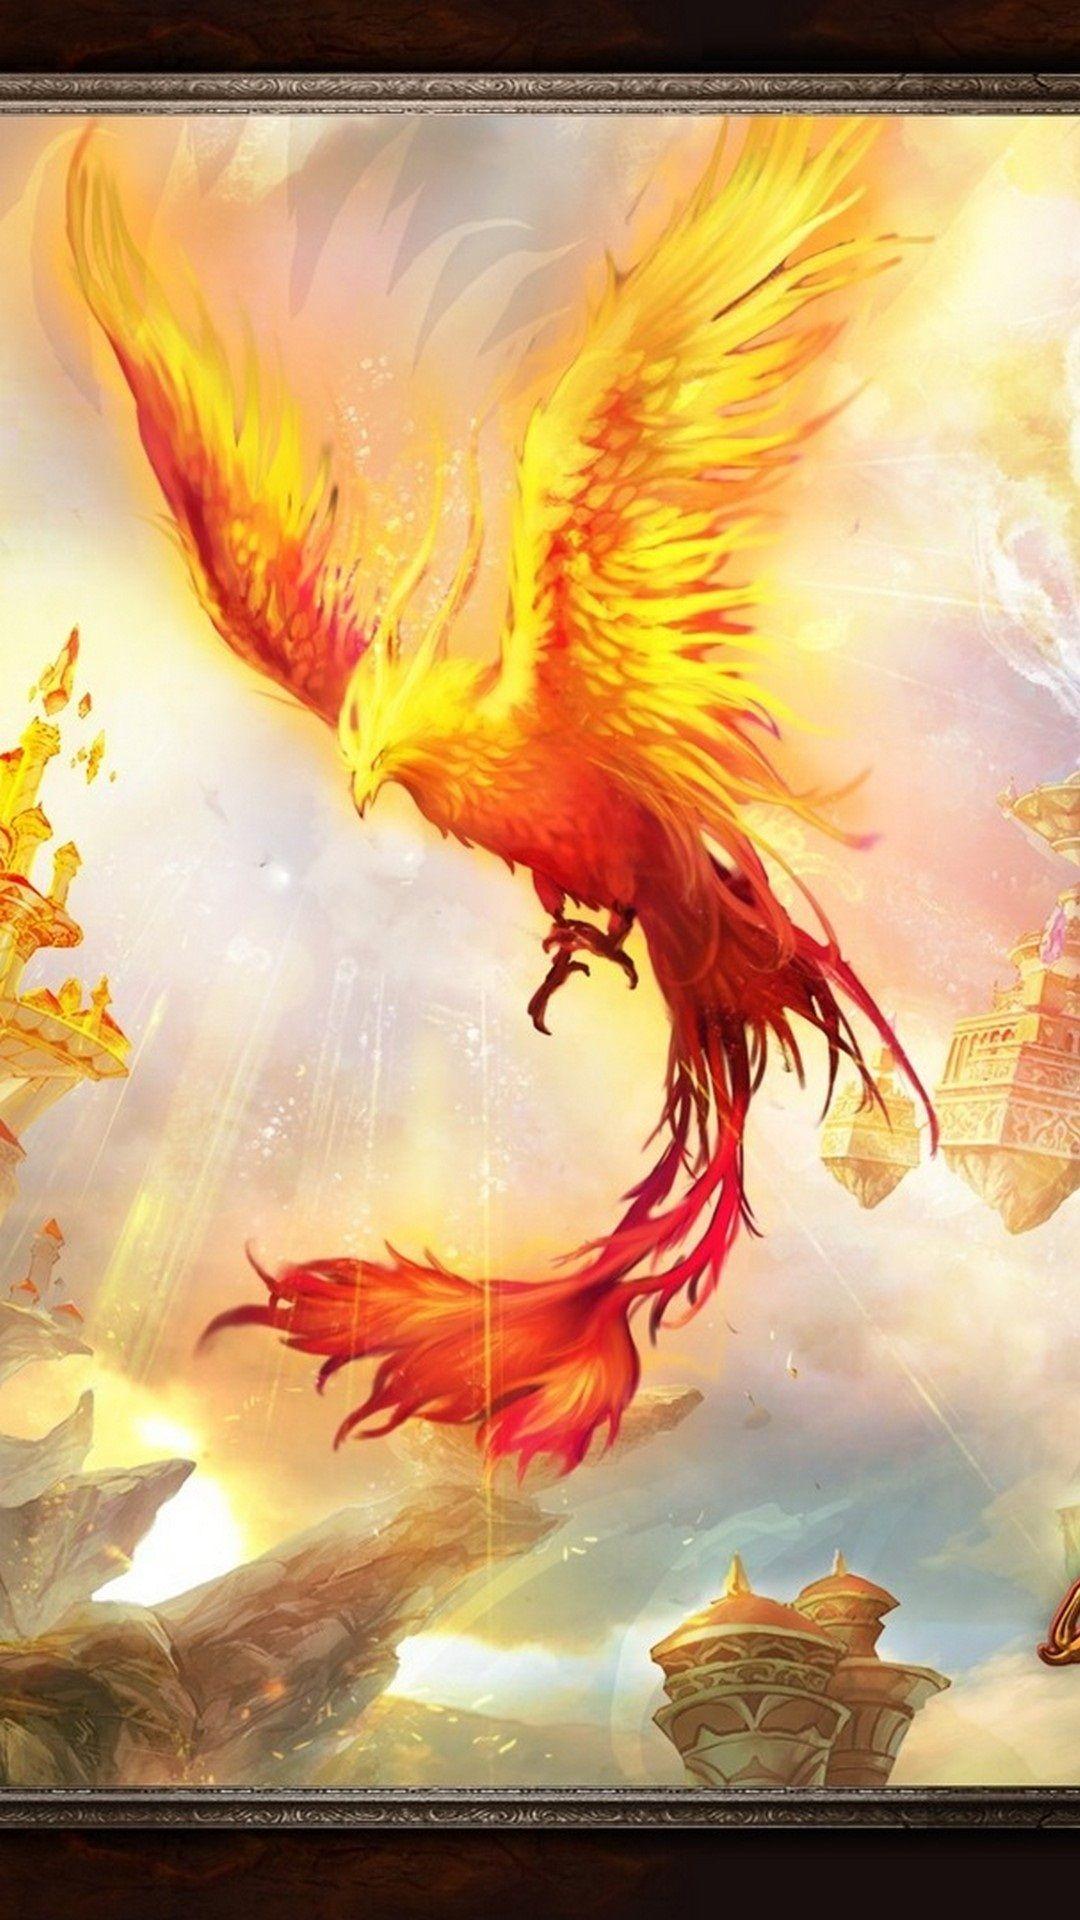 Phoenix Bird Images Wallpaper For iPhone Best iPhone